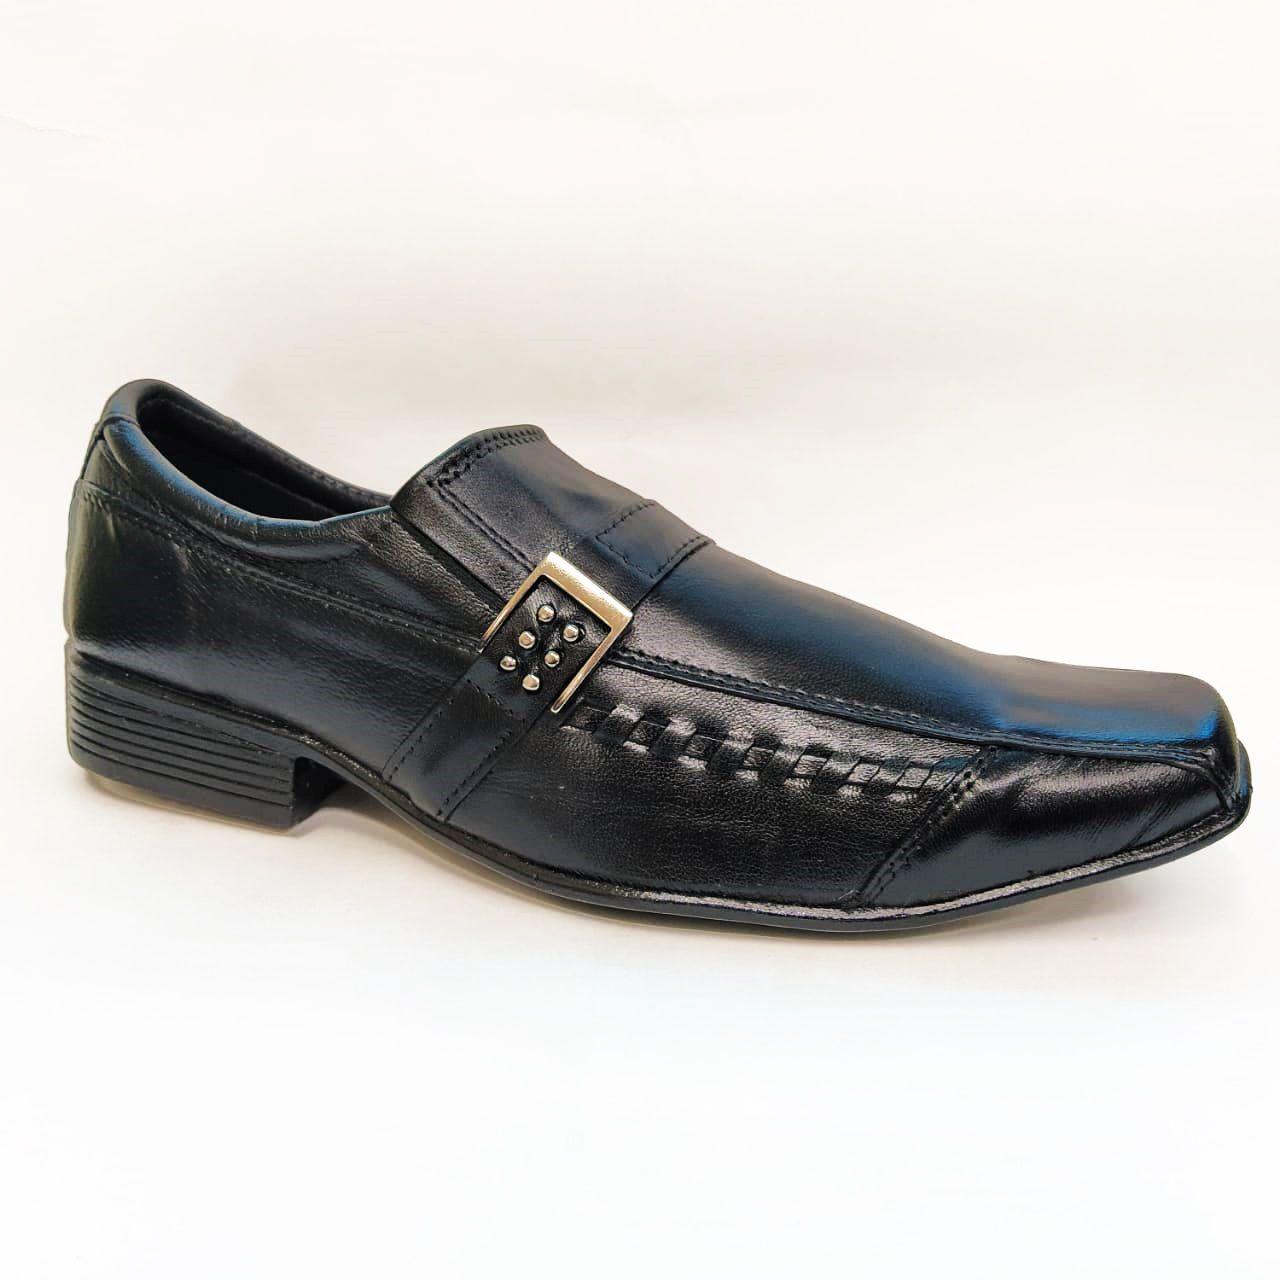 Sapato social especial em couro Frangarcia 573 - Preto